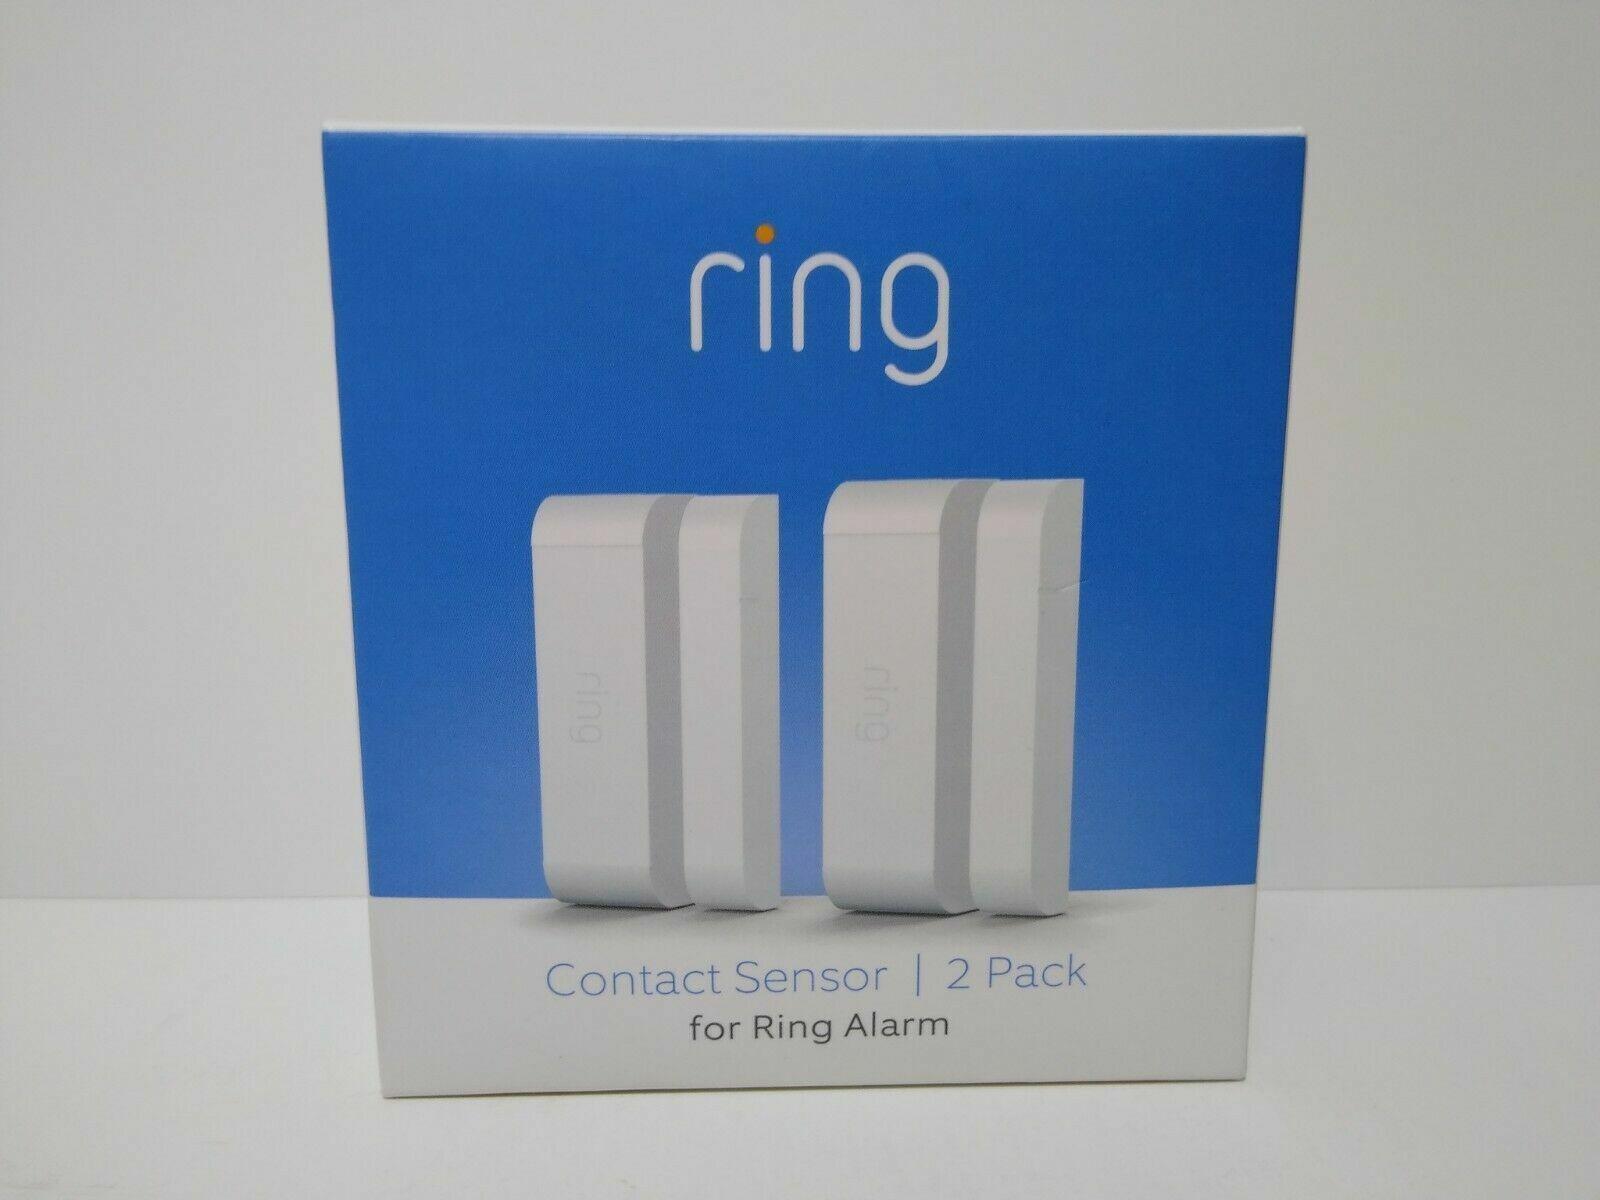 Ring Contact Sensor 2 Pack 4XD3S7-0EN0  - $29.99